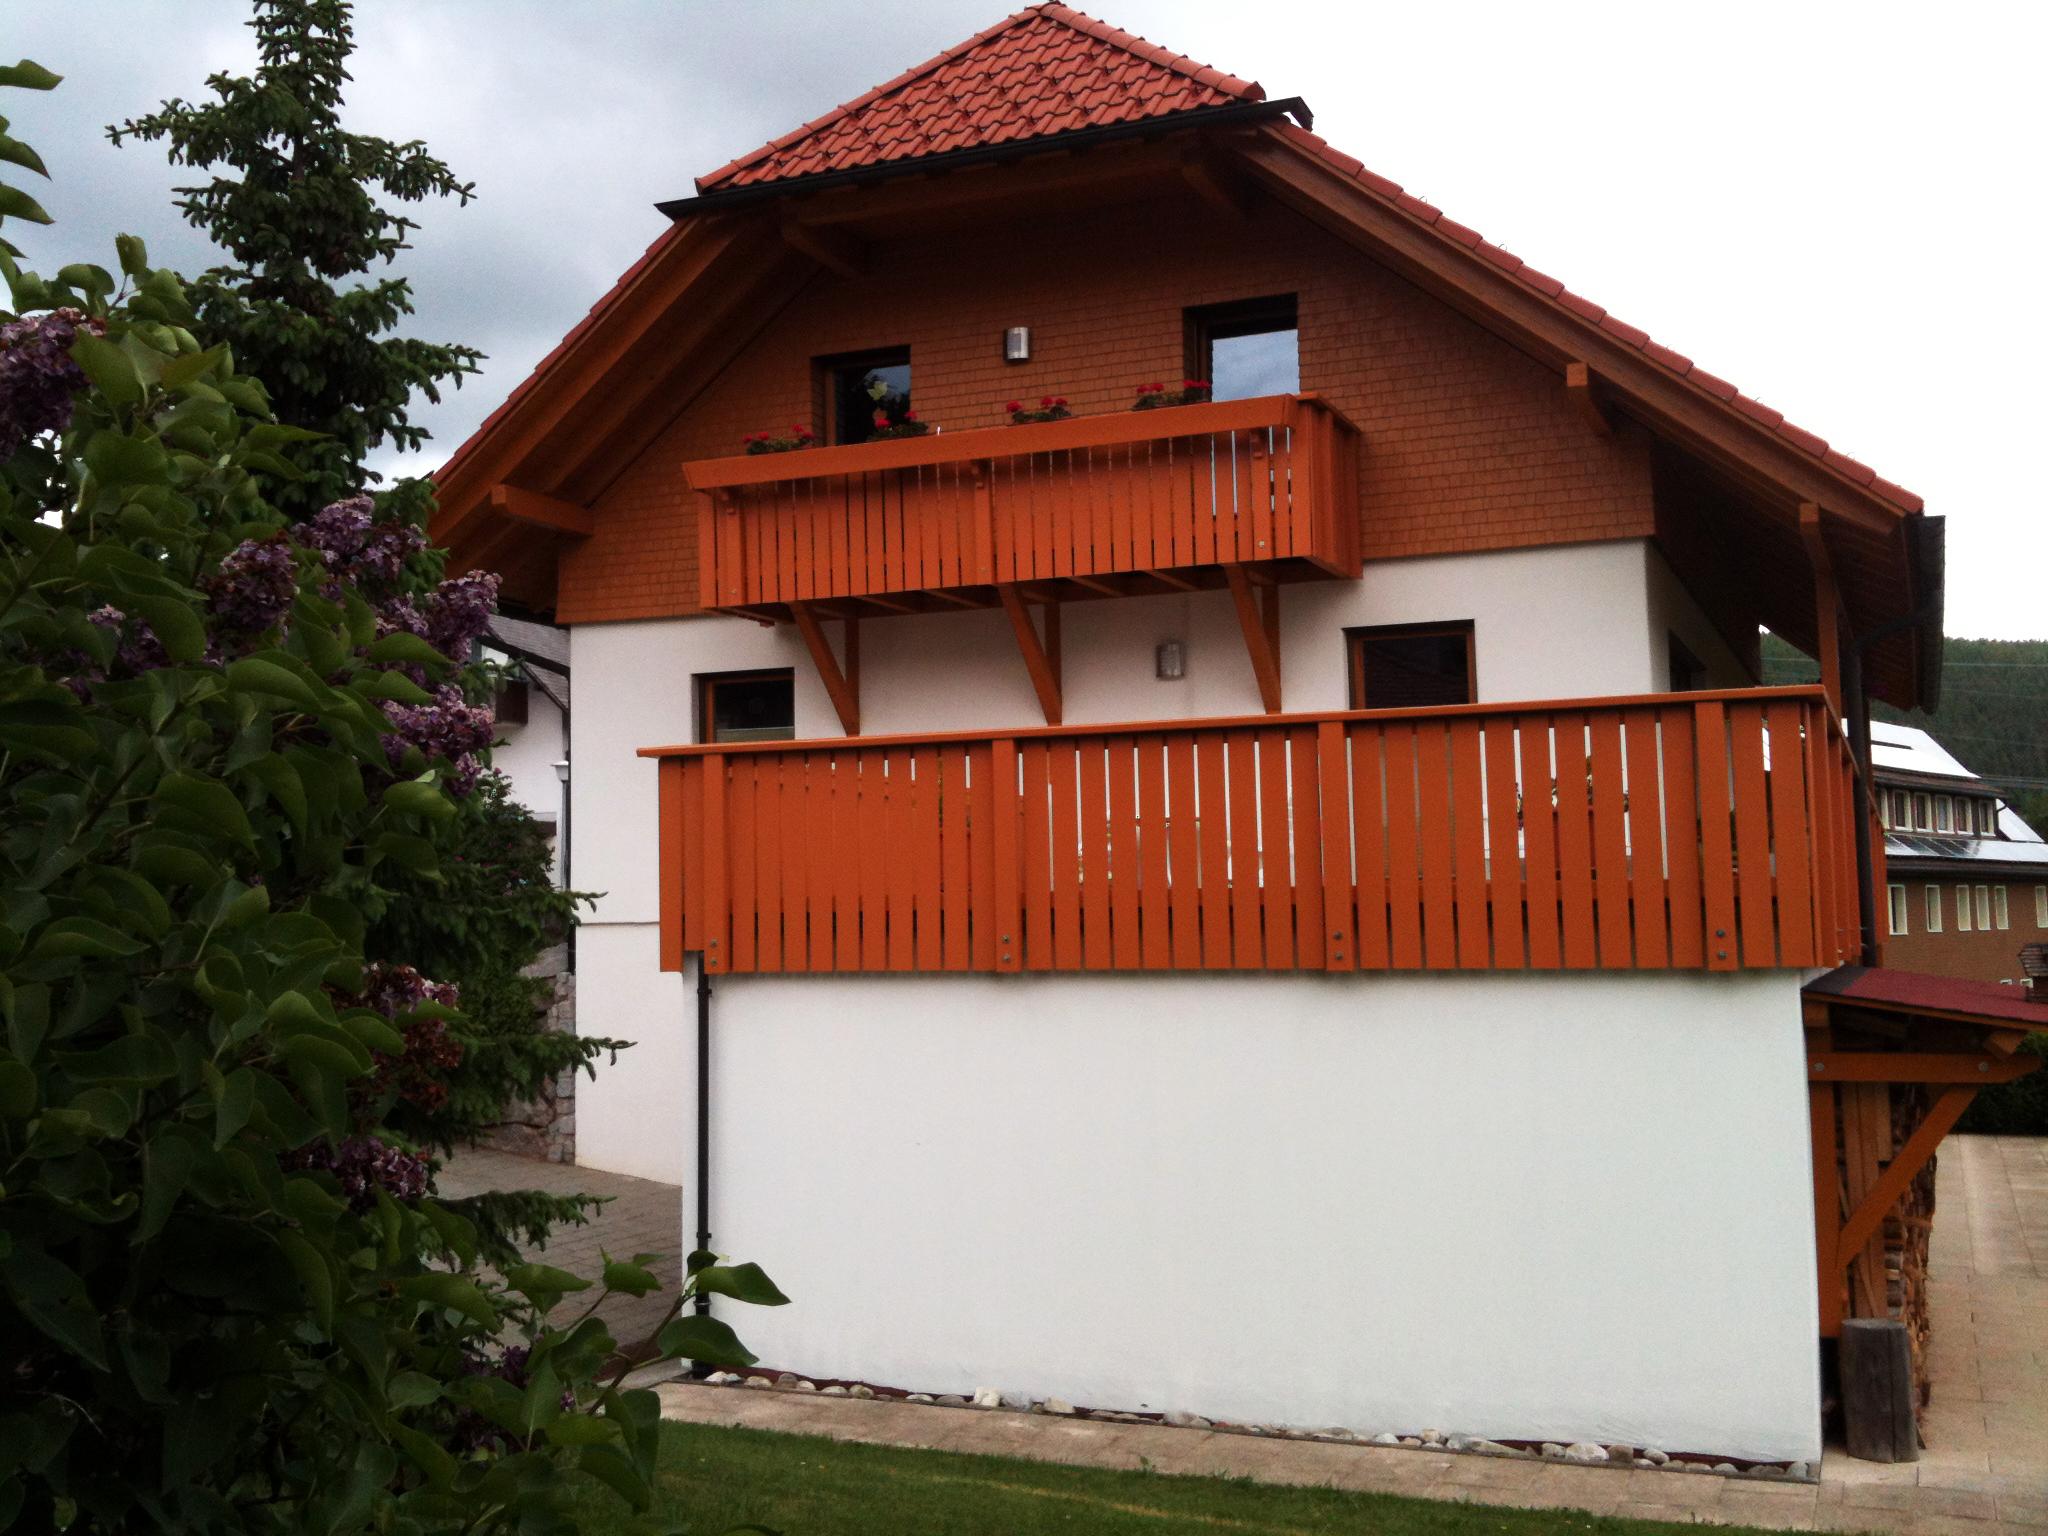 gestlatungstechnik-einfamilienhaus